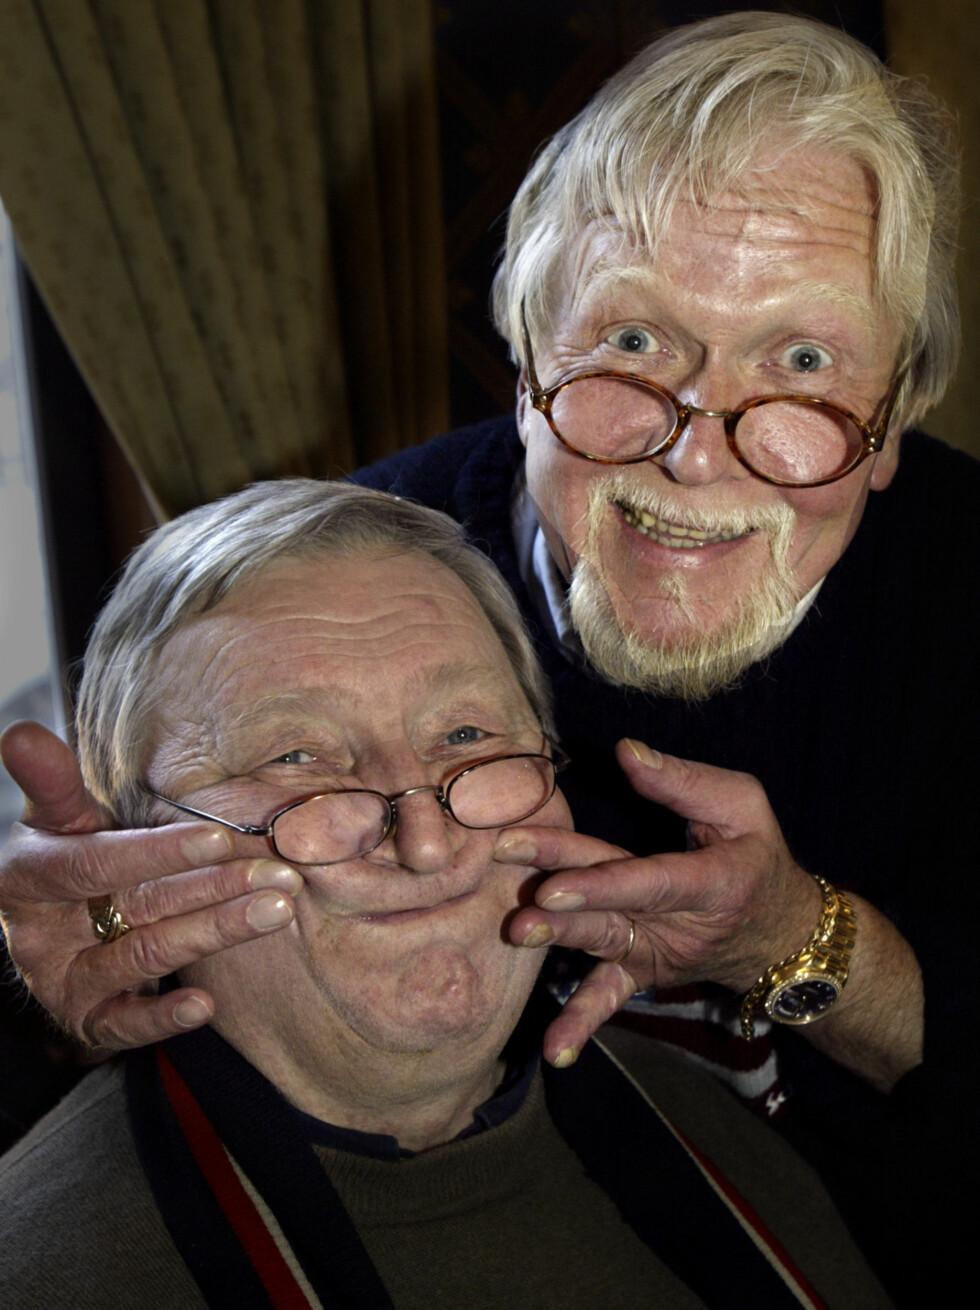 """LATTERDUO: Rolv Wesenlund får hjelp av Harald Heide-Steen jr. med smilet. De to ble legendariske som """"Wesensteen"""". Foto: SCANPIX"""